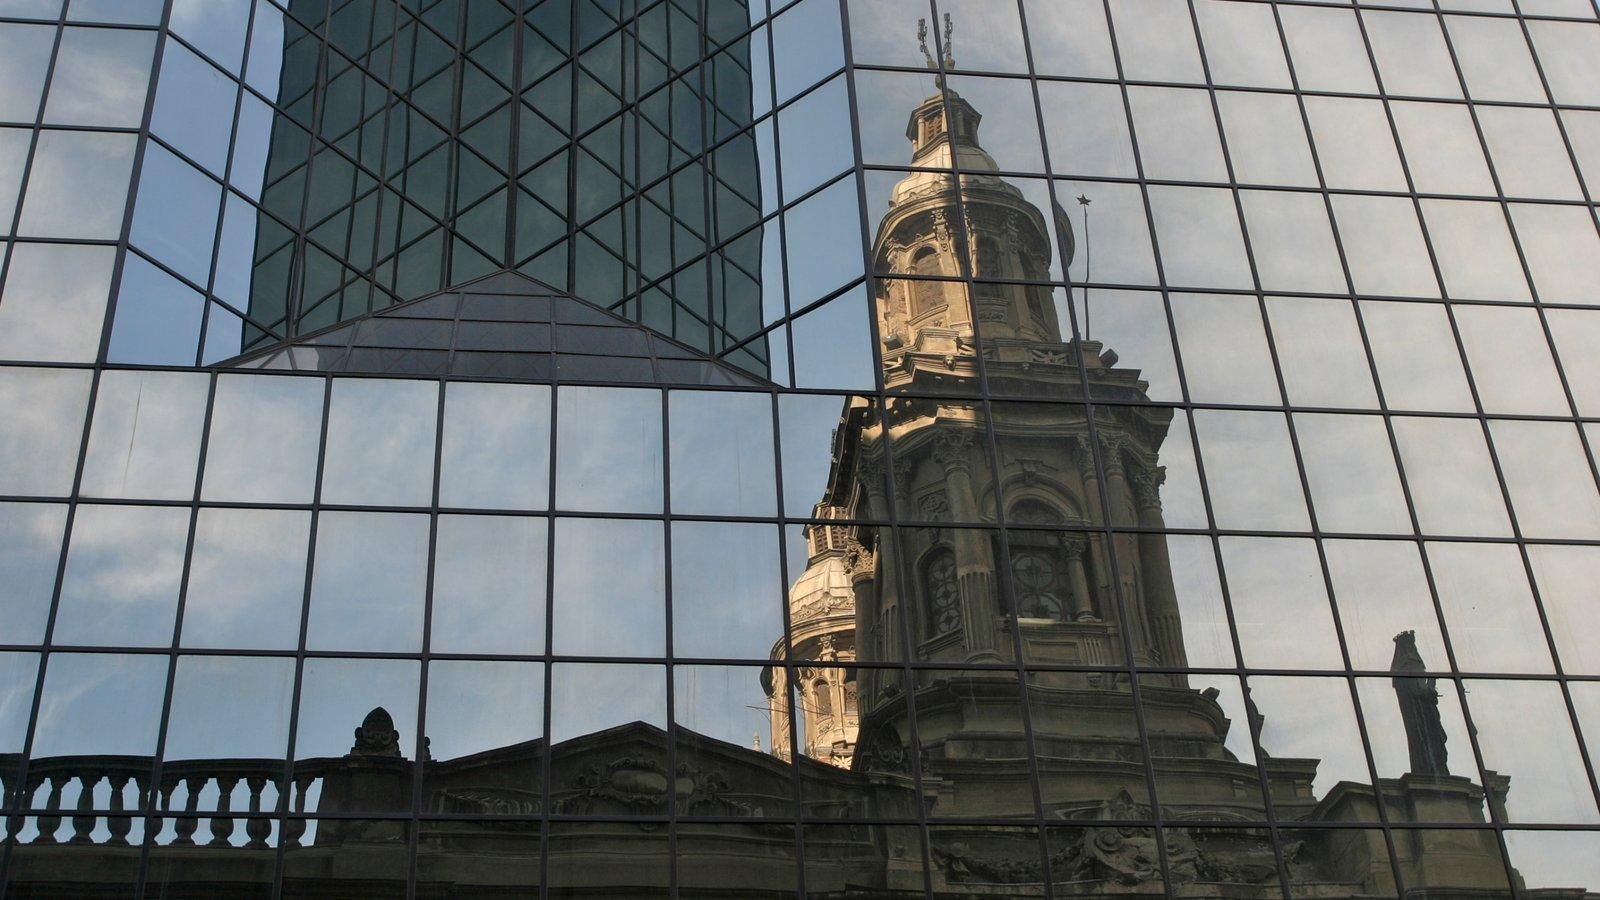 Santiago caracterizando arquitetura de patrimônio e arquitetura moderna